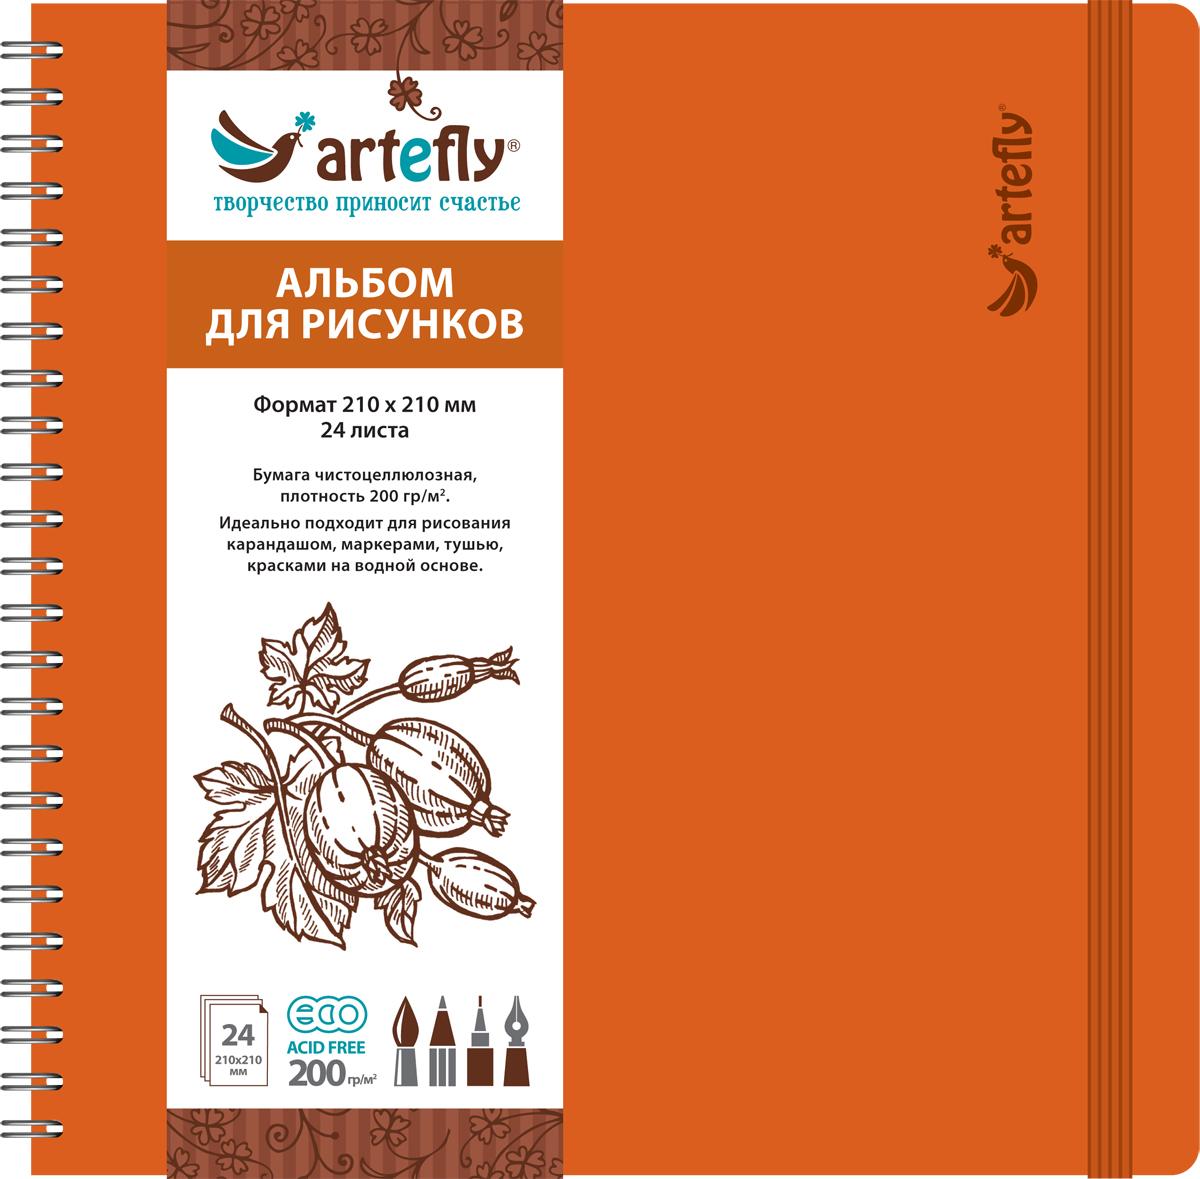 Artefly Альбом для рисования 24 листа цвет оранжевый AFNB-2255AFNB-2255Альбом идеально подходит для рисования в нем карандашом, маркерами, тушью, красками на водной основе. Удобная эластичная застежка защитит Вашу записную книжку. Переплет на спирали делает альбом еще более удобным и позволяет с легкостью переворачивать страницы.